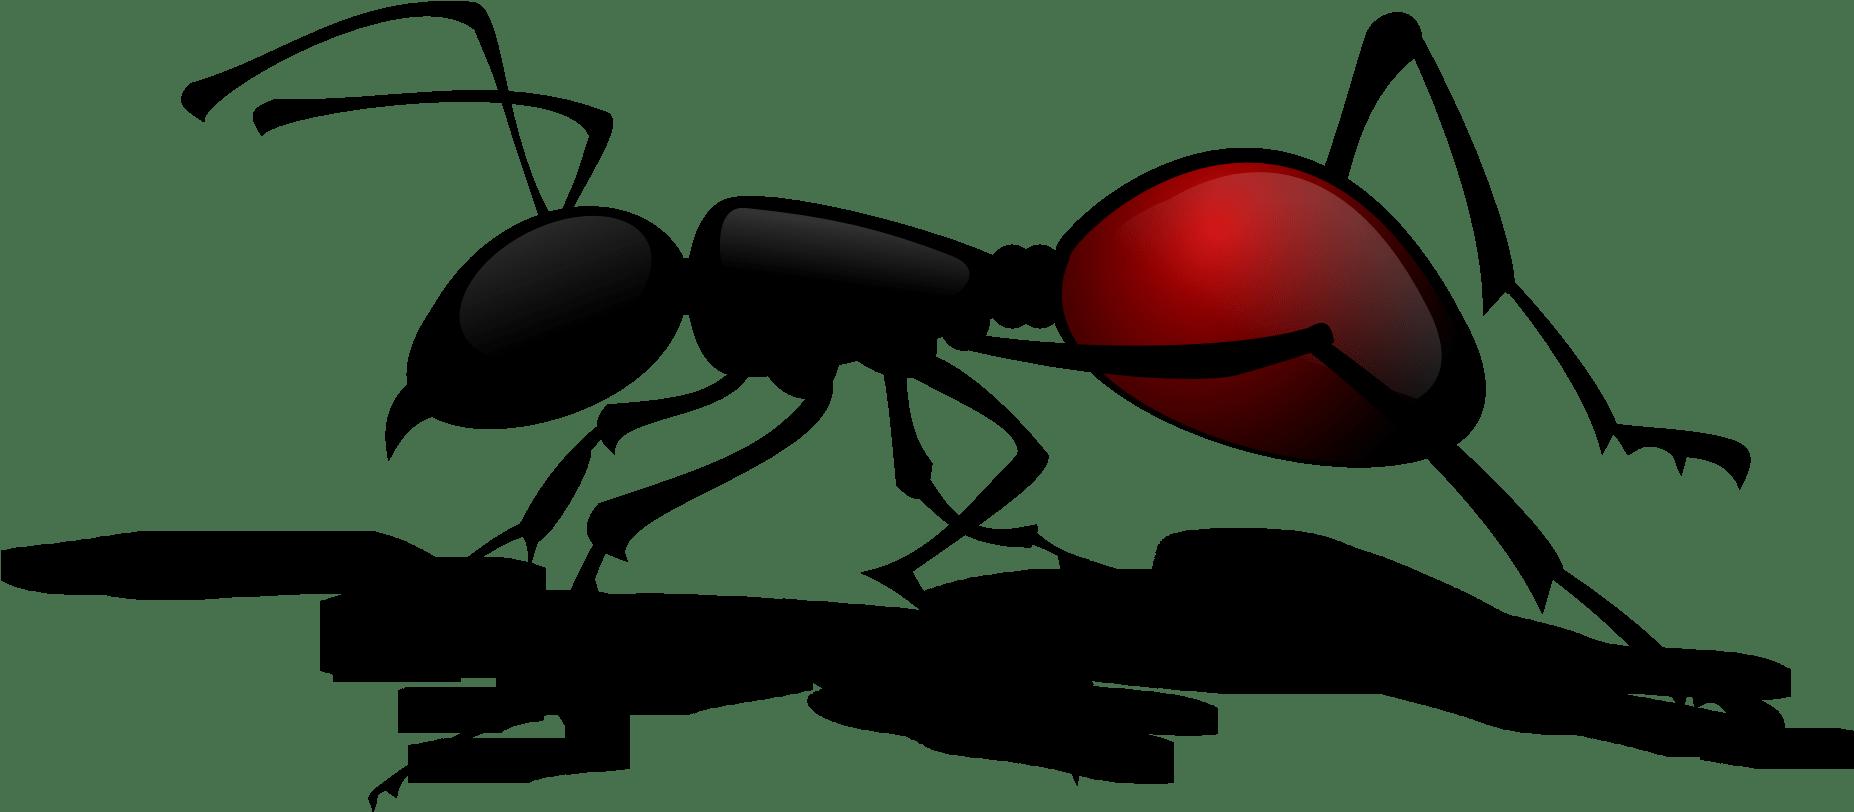 Download Vector Ant Cartoon Clip Art